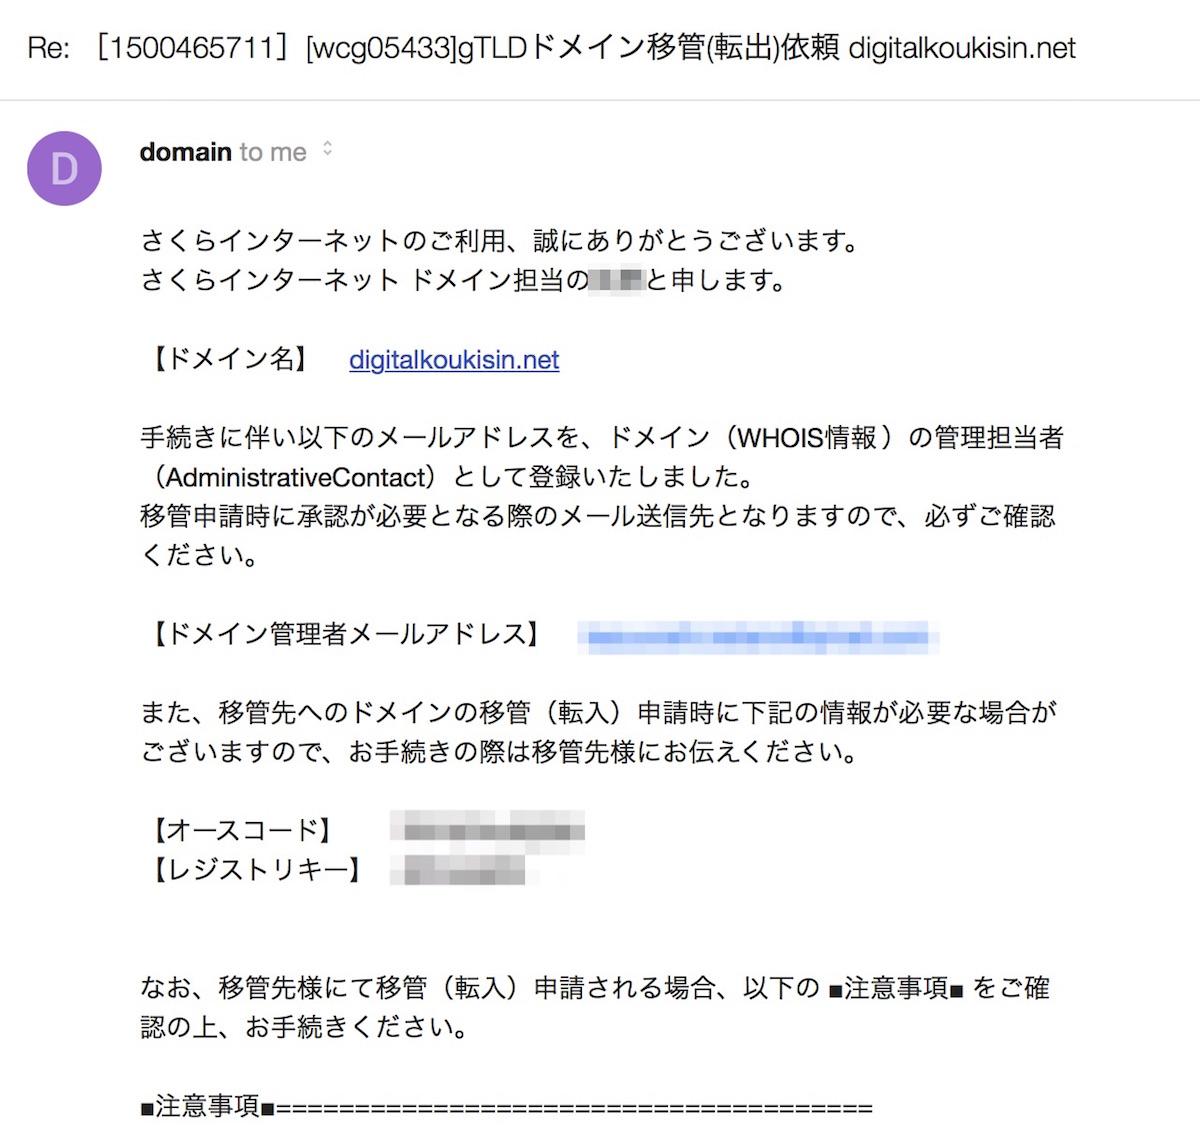 Inbox_–_kazuyoshi_katano_gmail_com